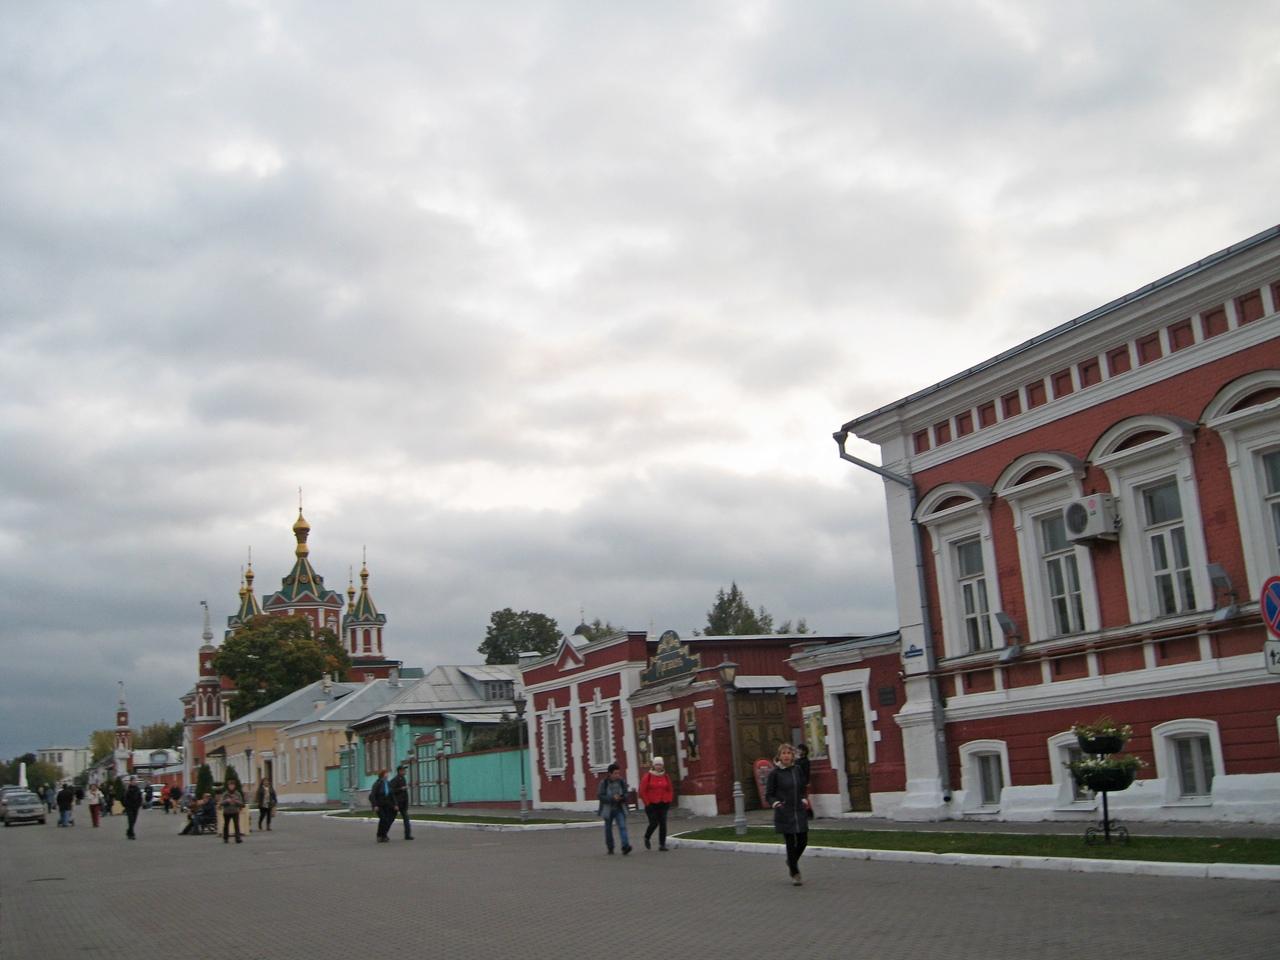 Коломна - очаровательный старинный русский город.